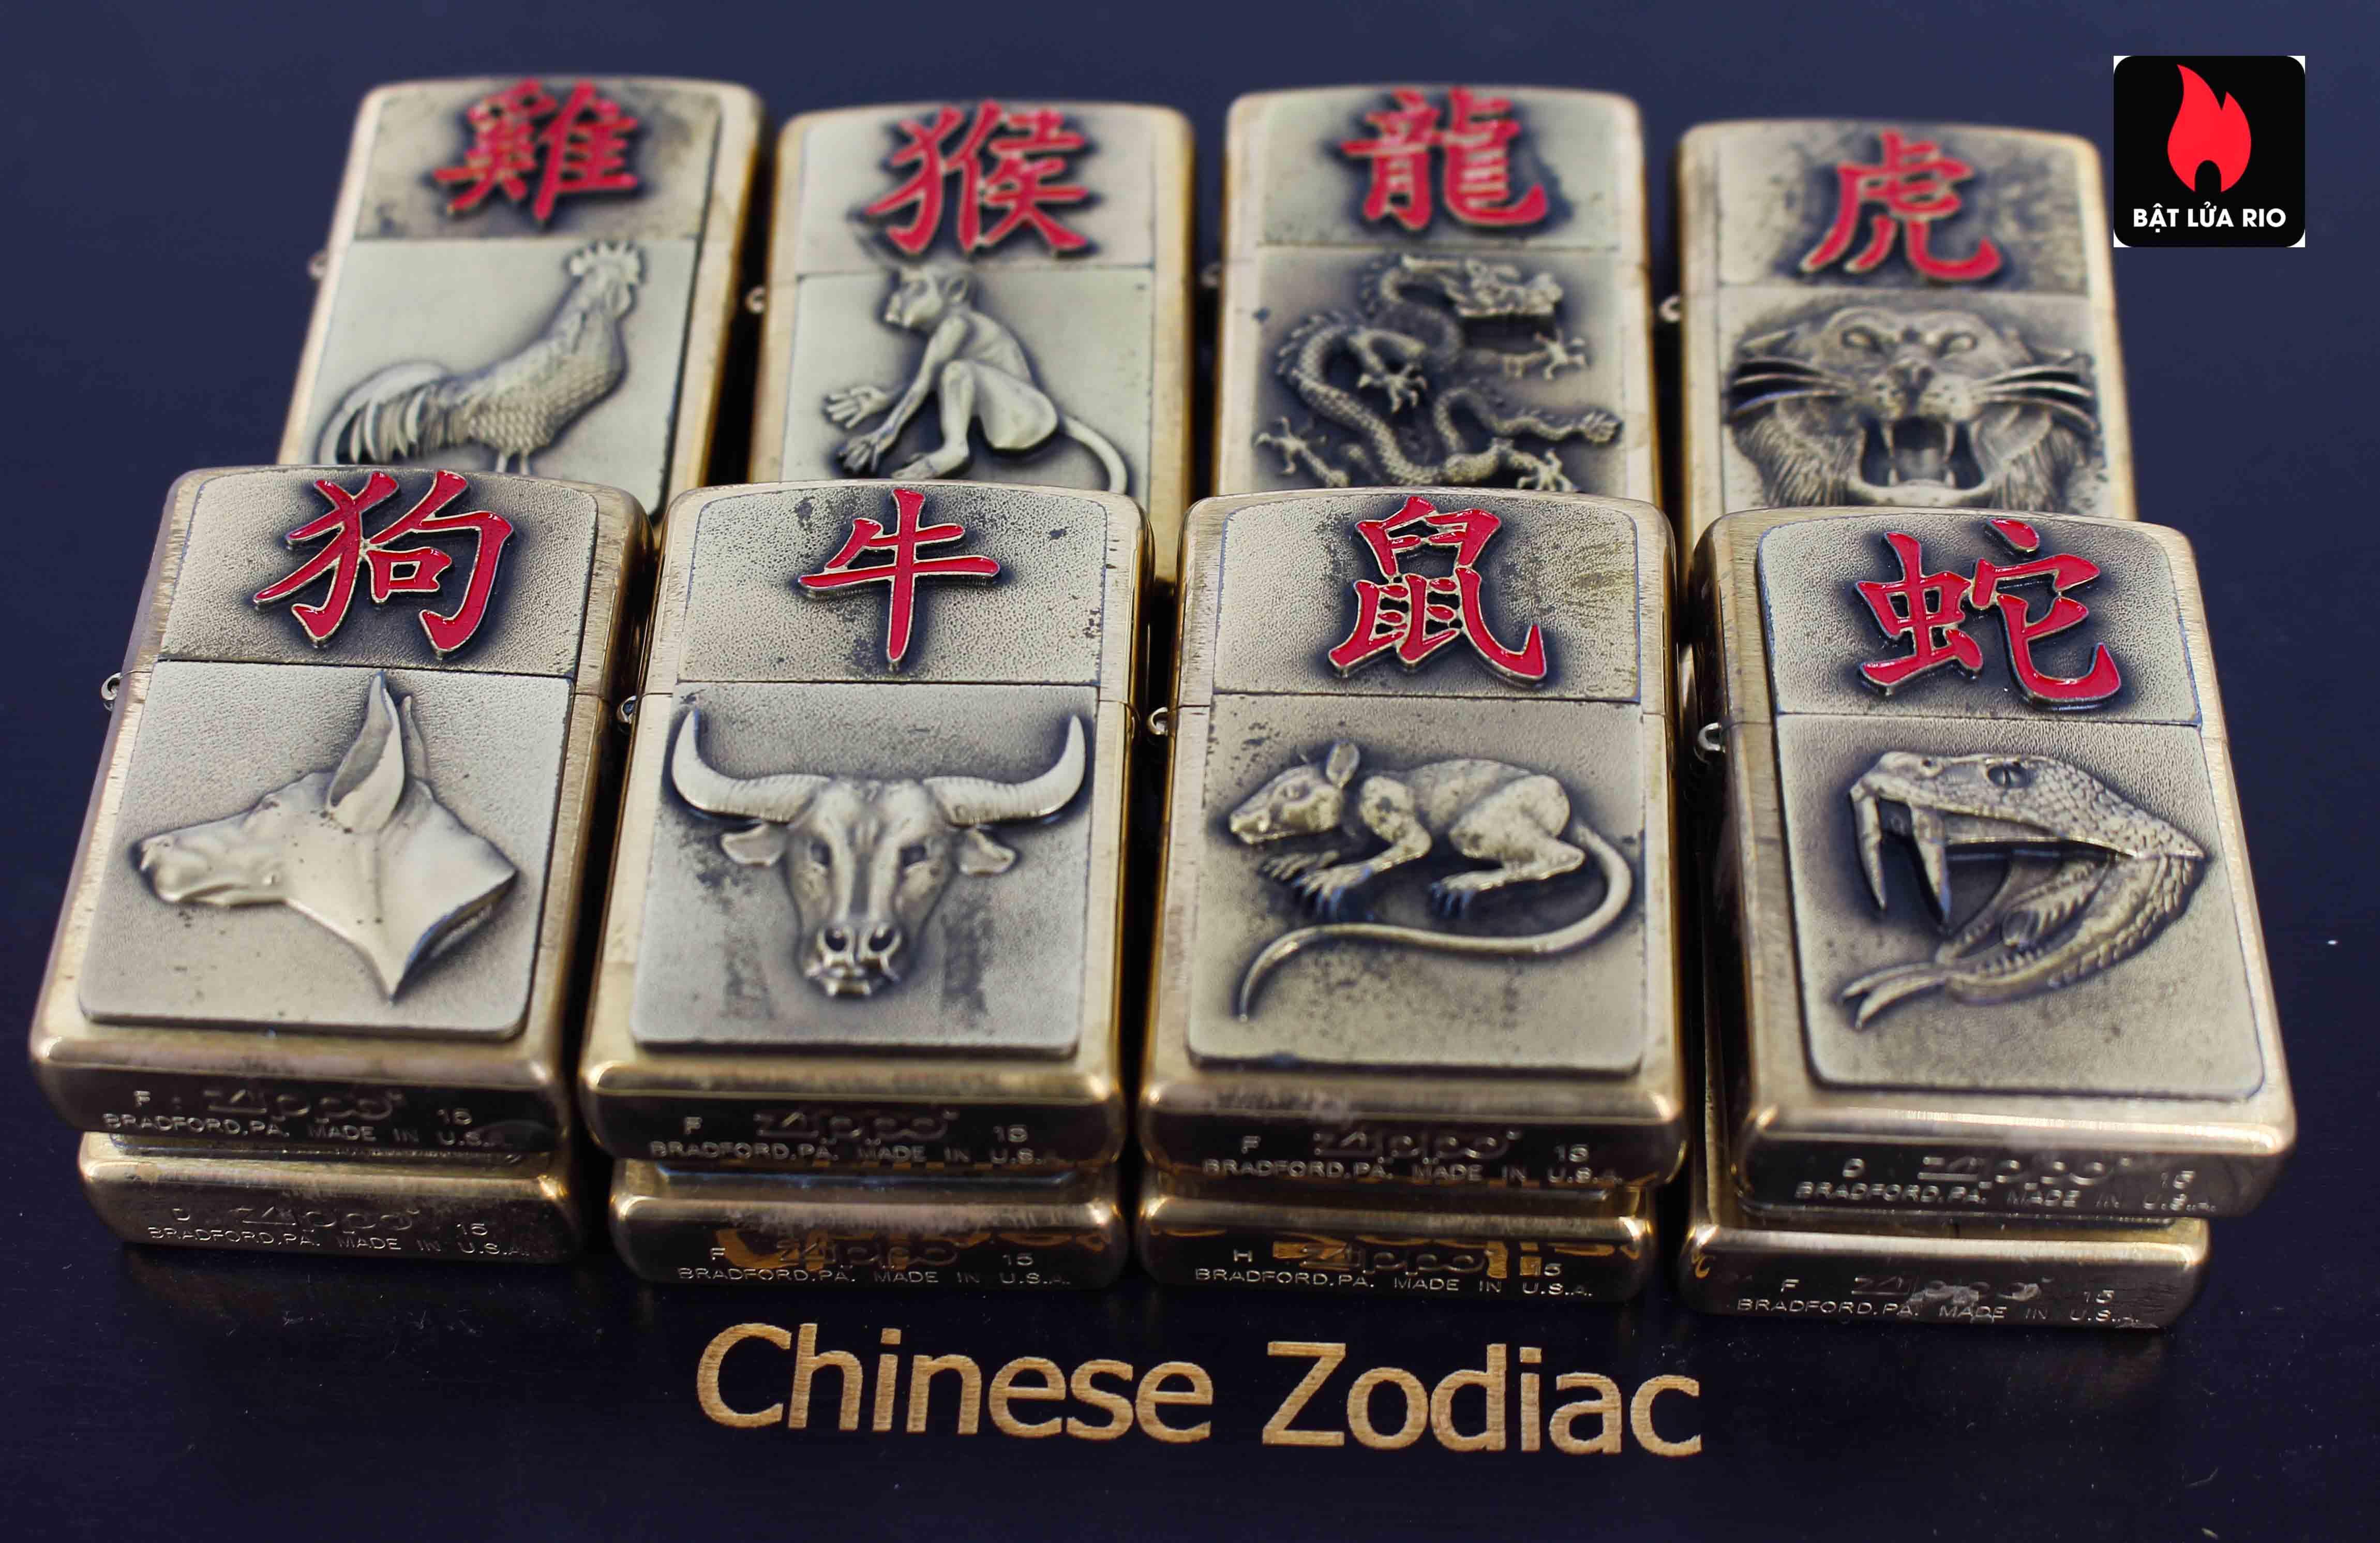 Zippo Set 2015 - Chinese Zodiac - 12 Con Giáp Châu Á 7